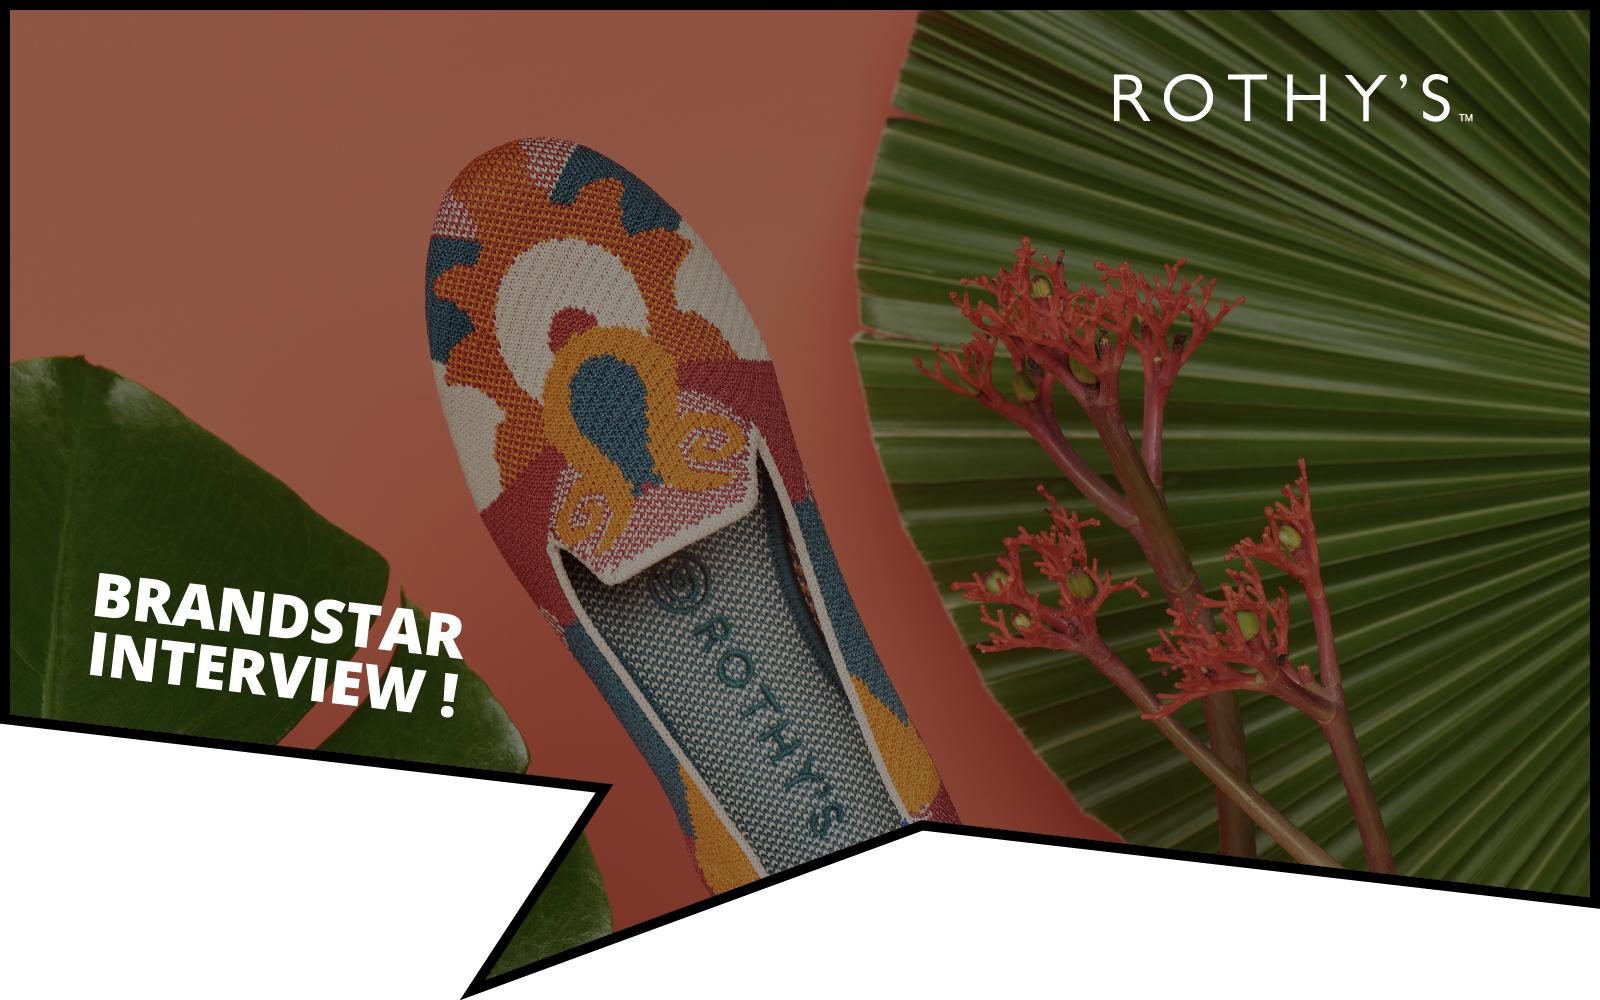 环保平底鞋品牌 Rothy's 的成长故事:坚持可持续发展与 DTC  | BrandStar专访